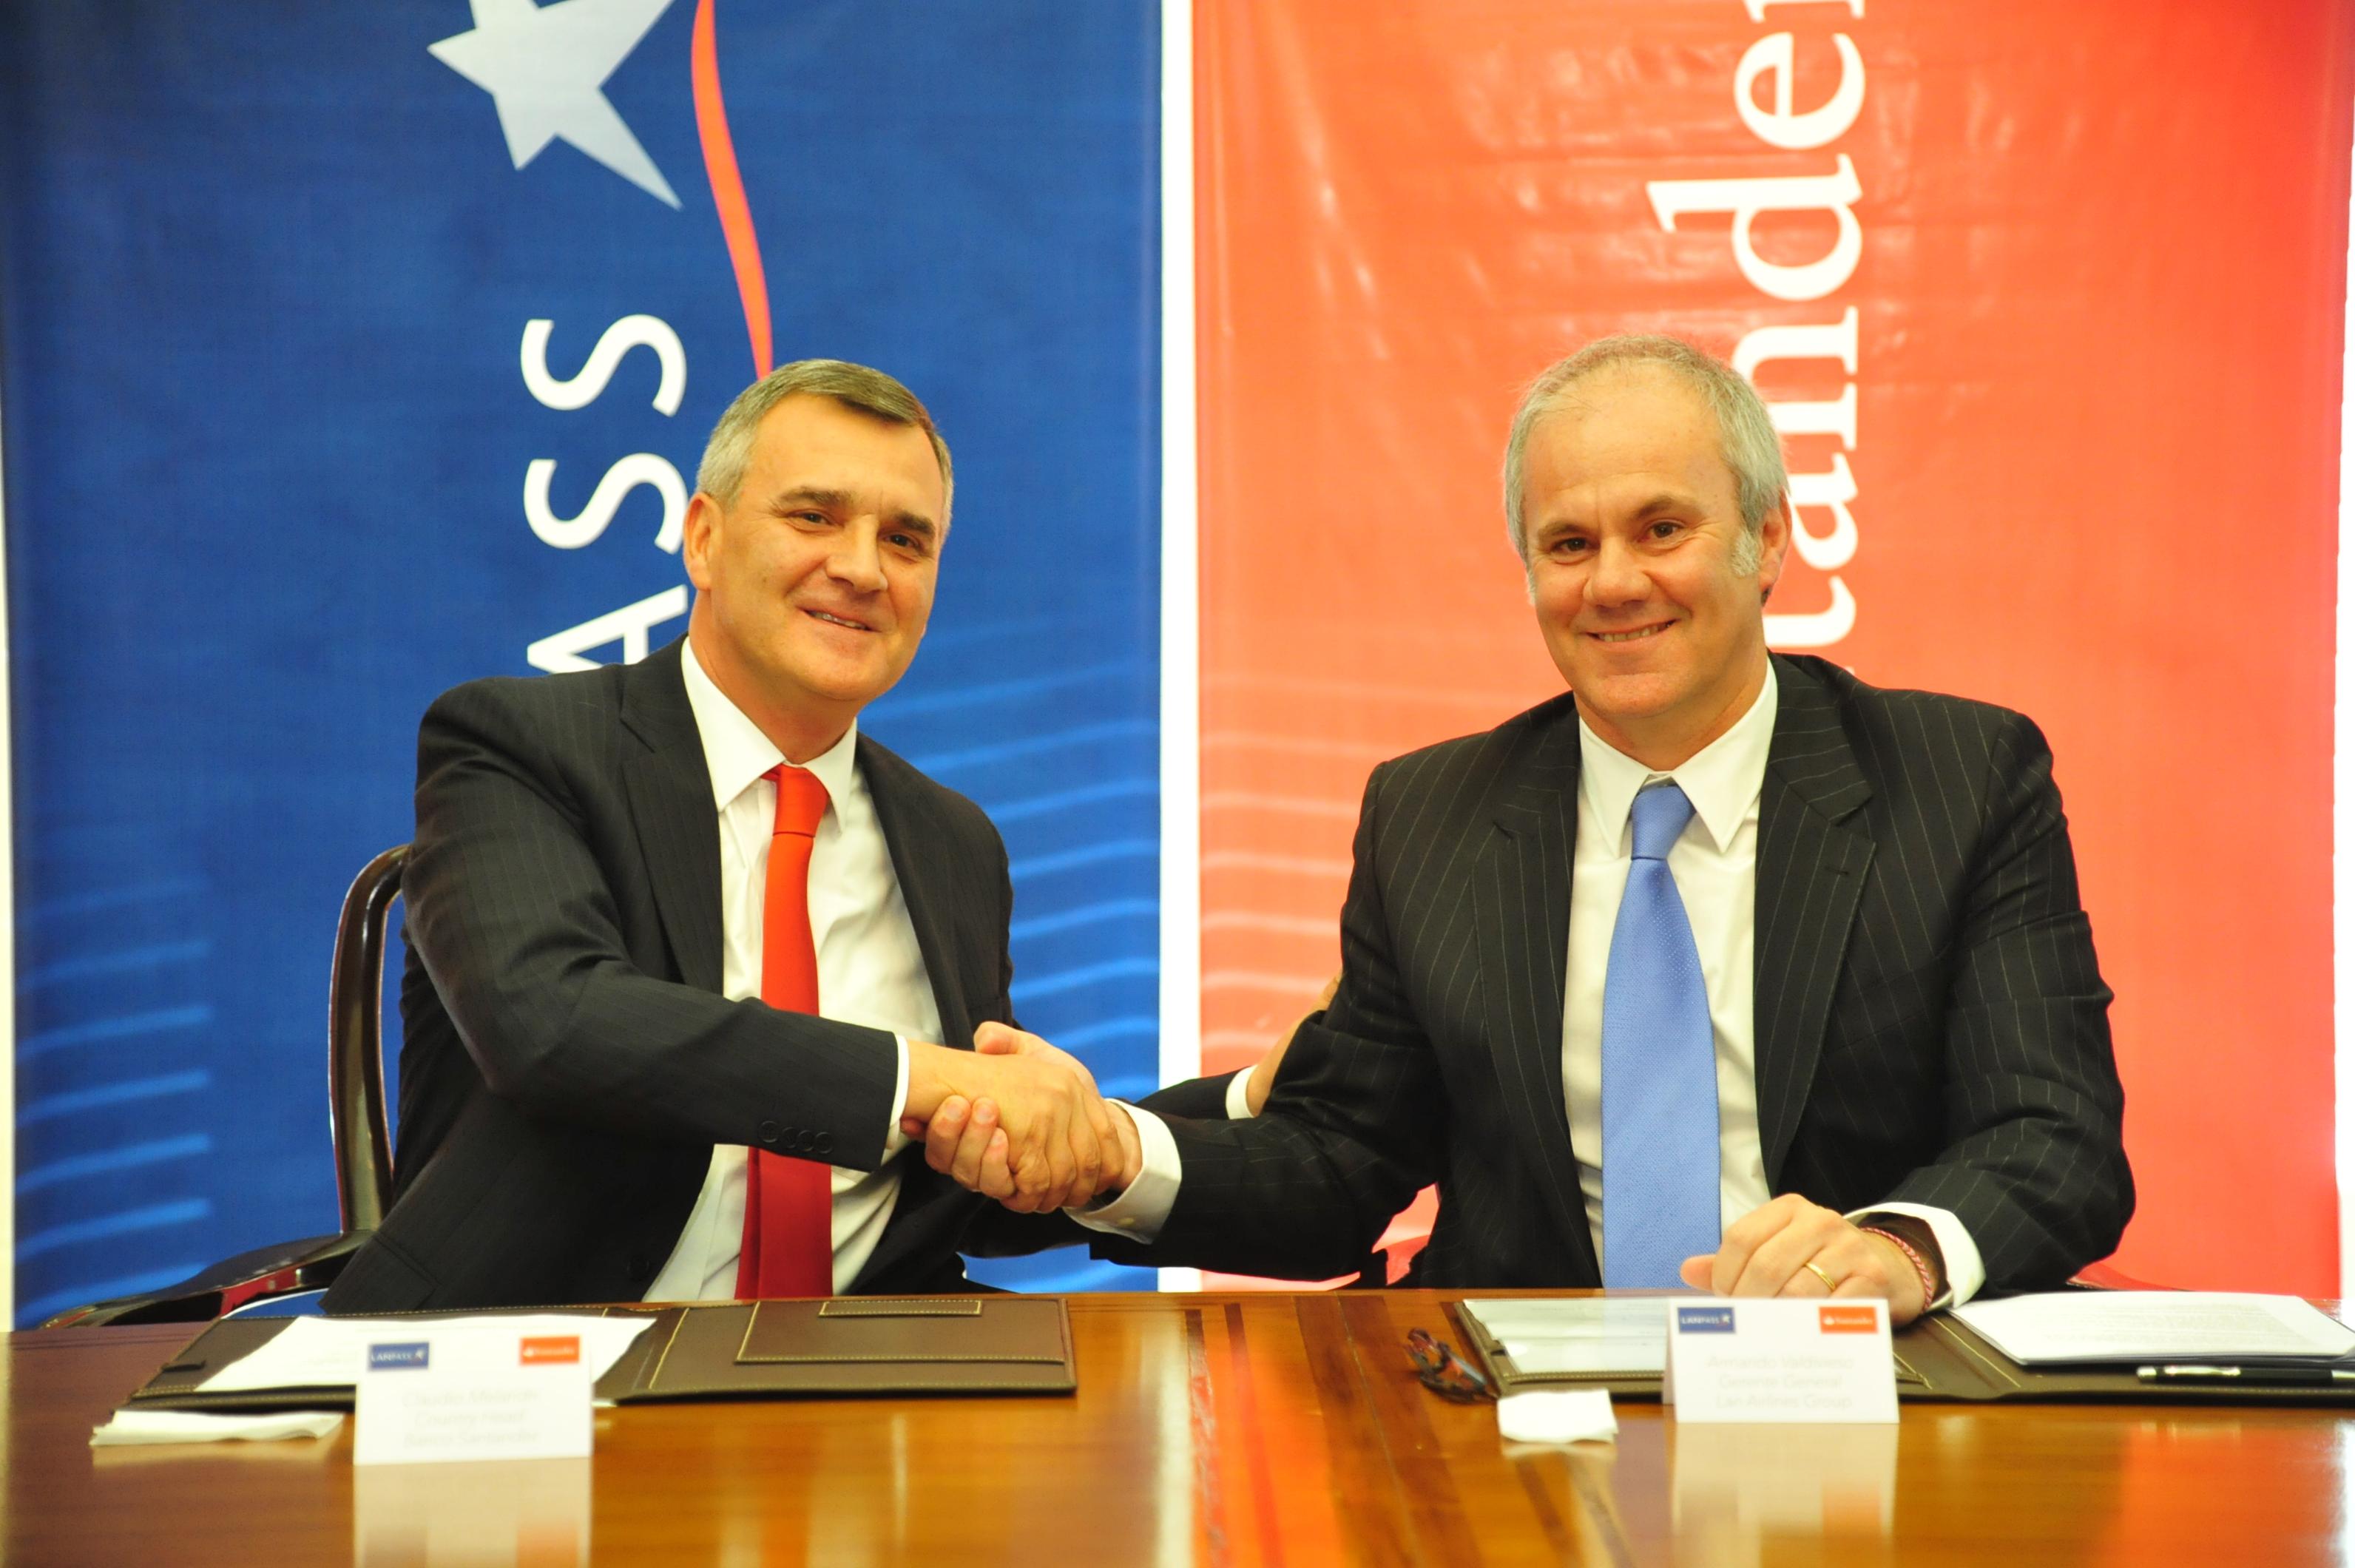 LANPASS y Santander renuevan alianza estratégica